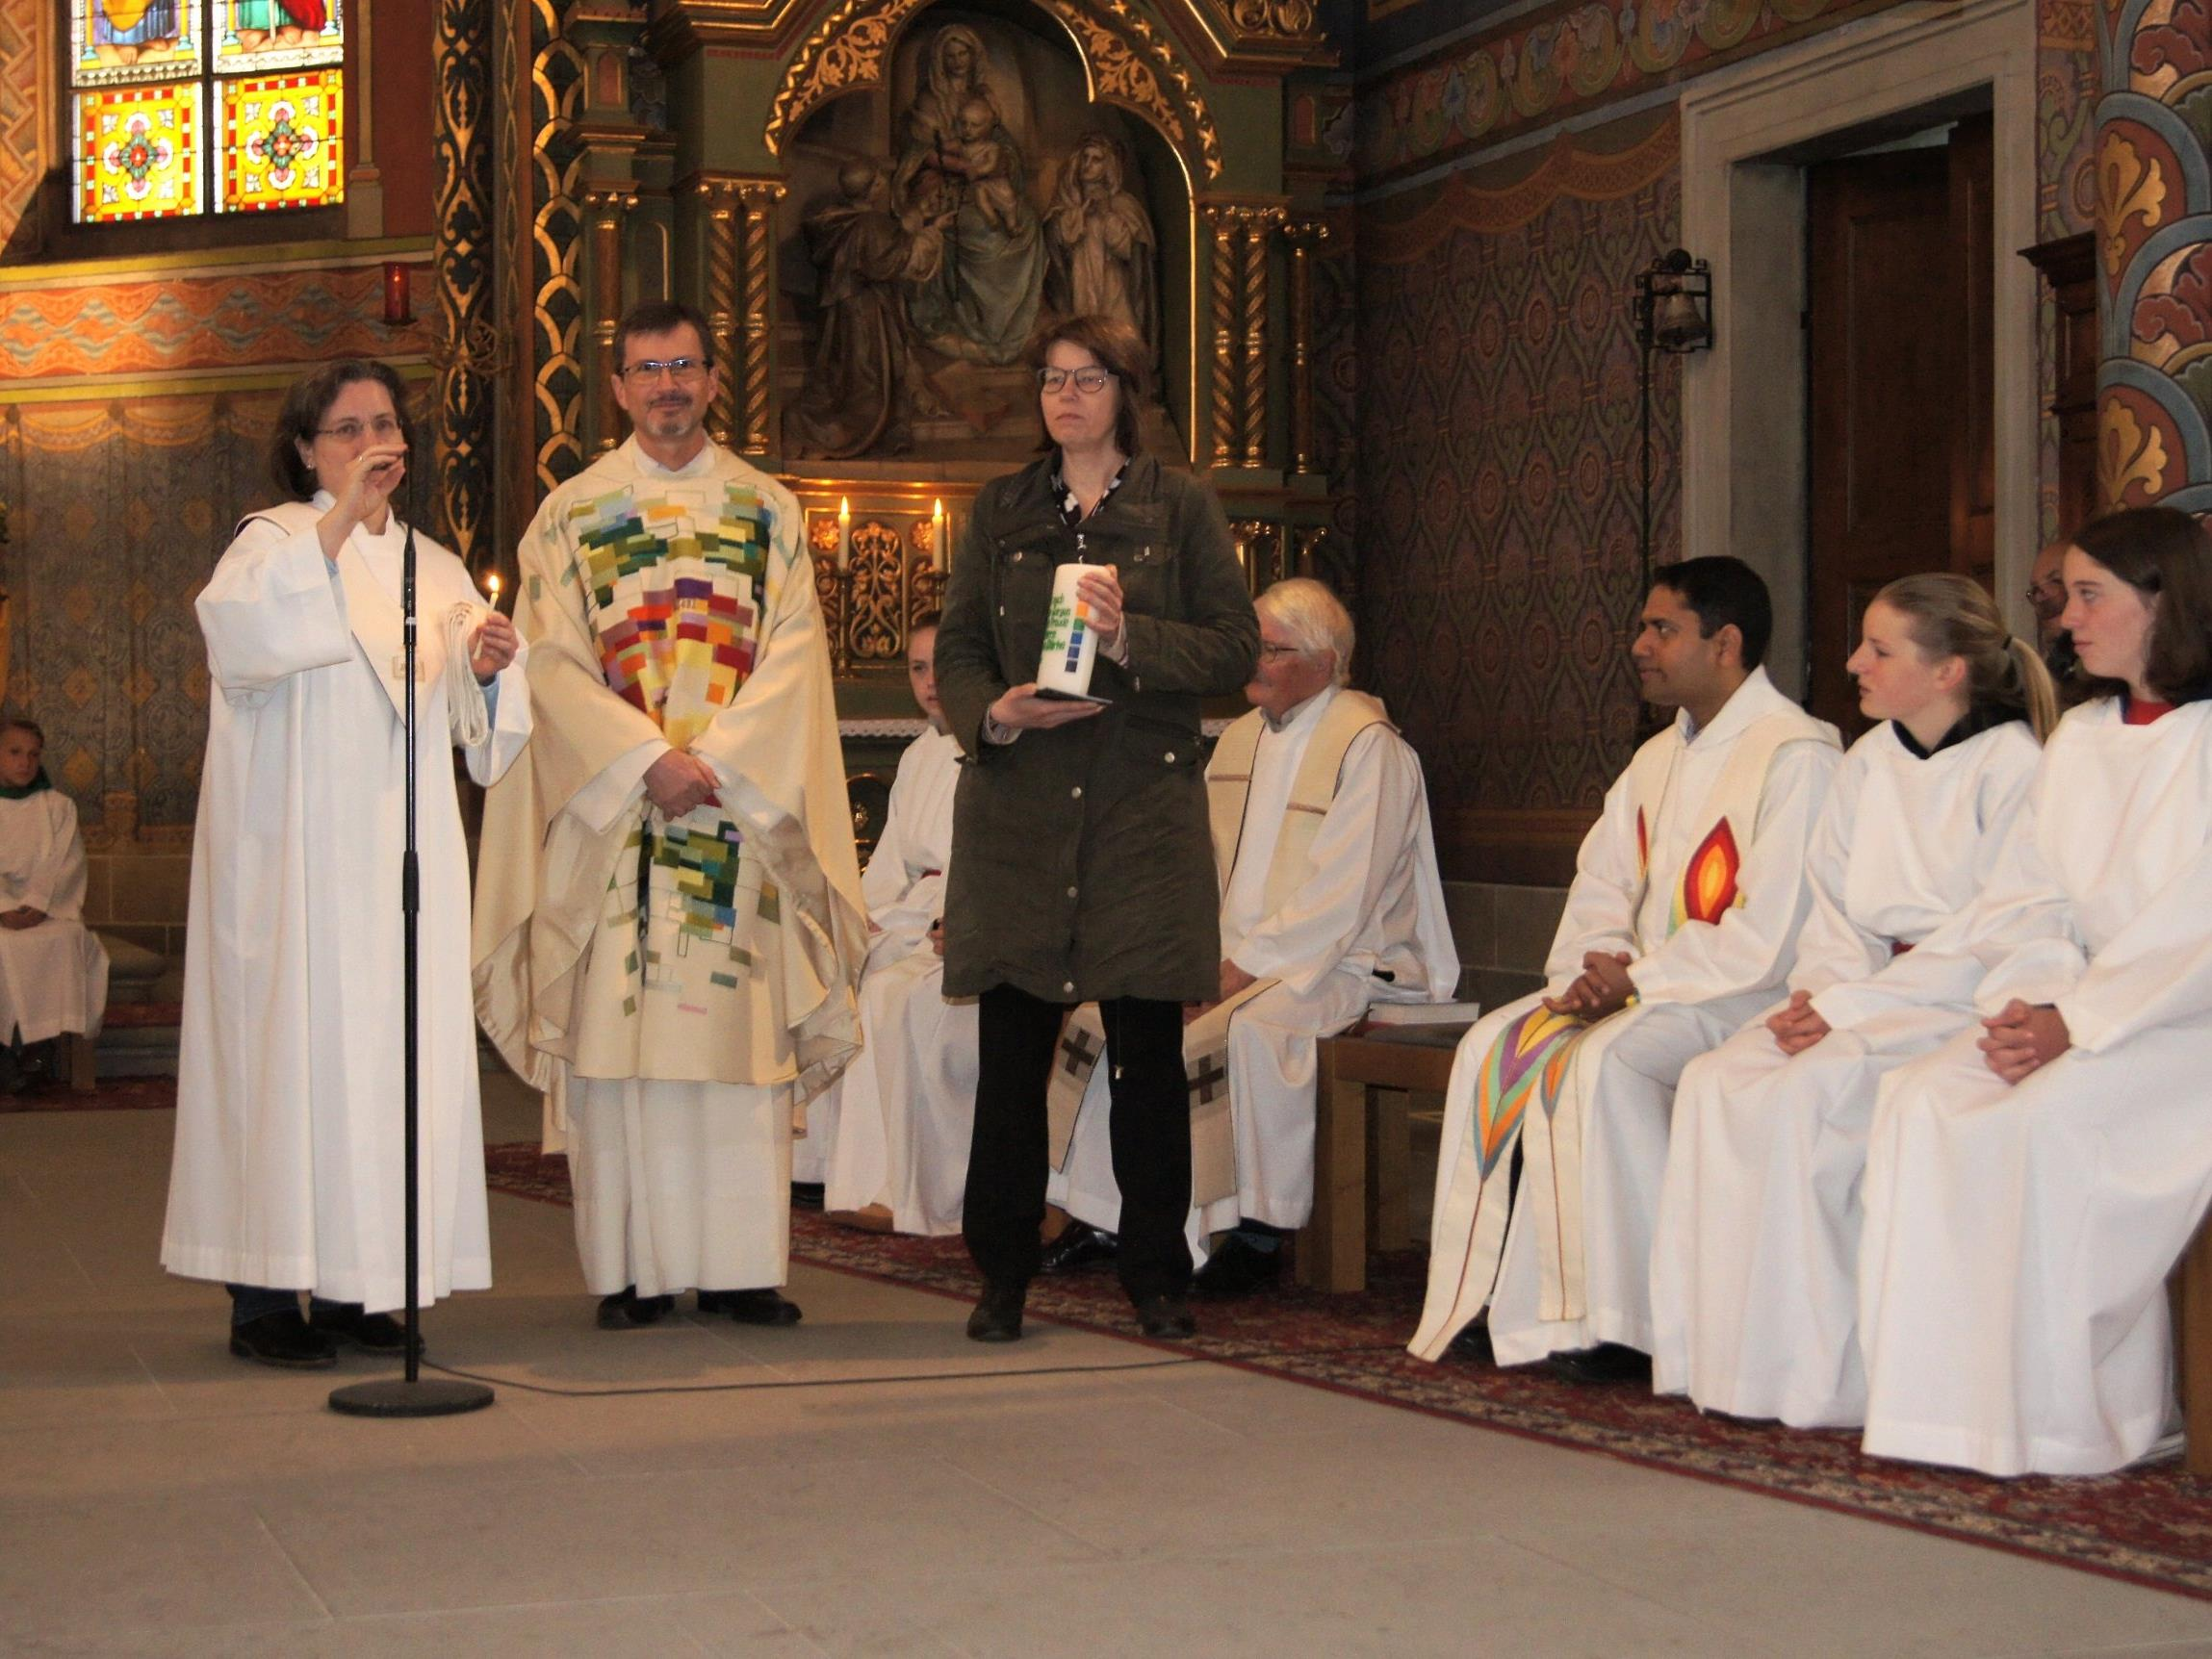 Pfarrer P. Christian Stranz feierte im Rahmen der Sonntagsmesse sein silbernes Priesterjubiläum.